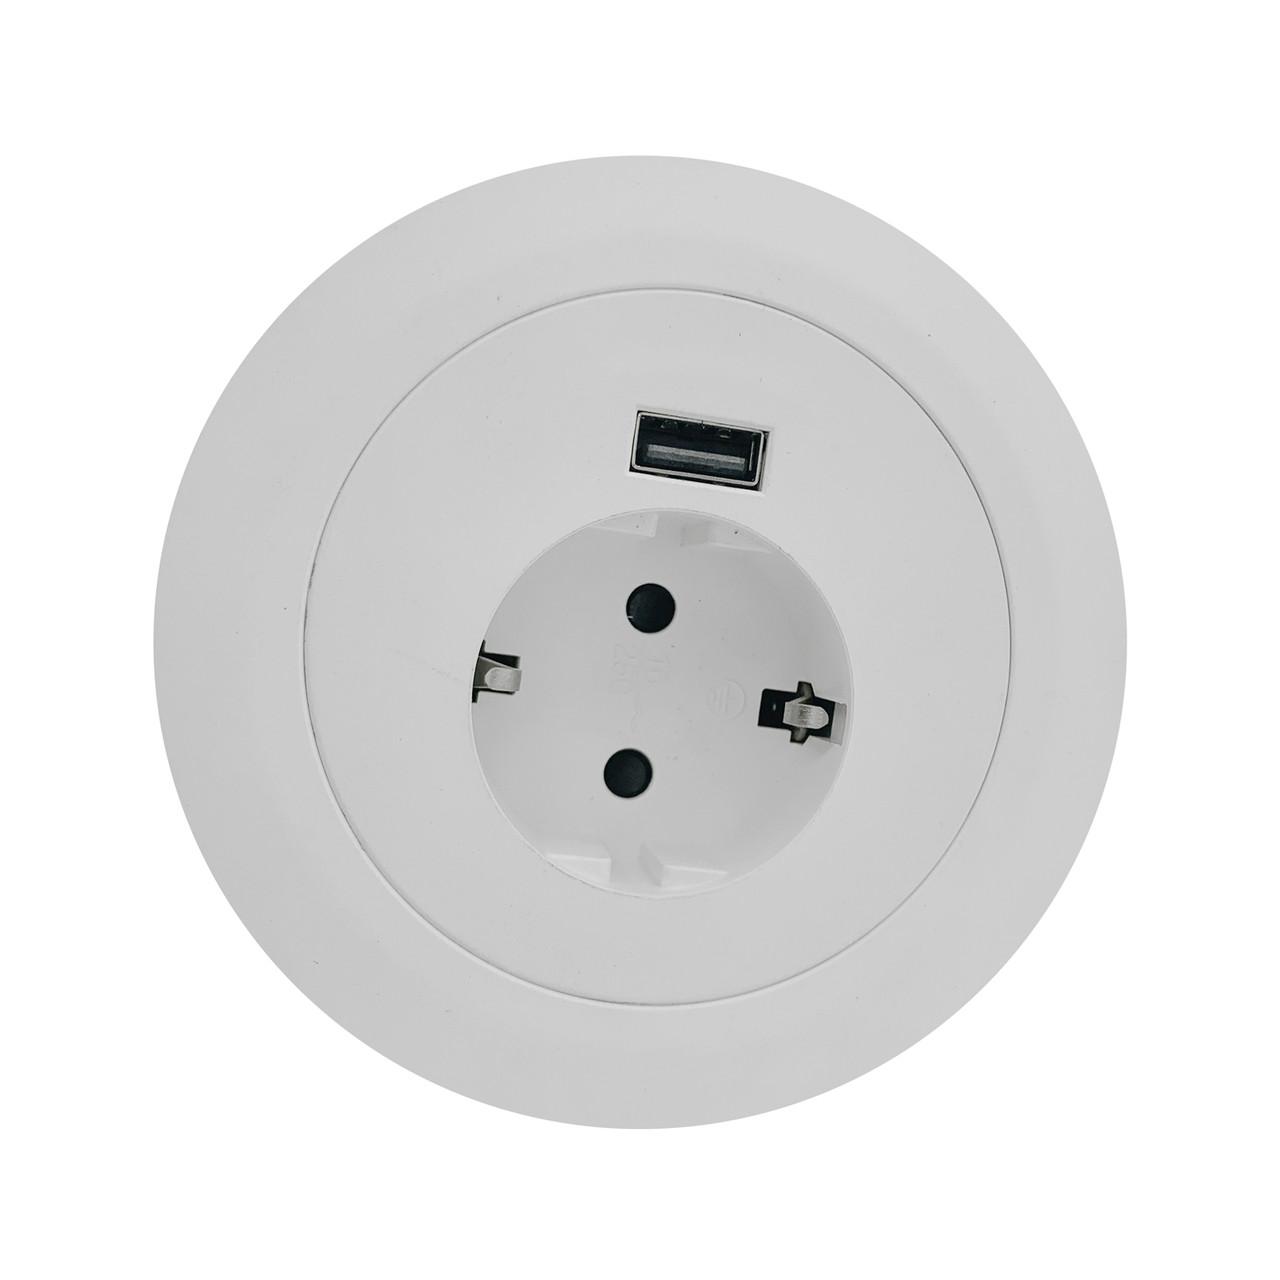 Встраиваемая розетка в мебель  белая G5201-1UC